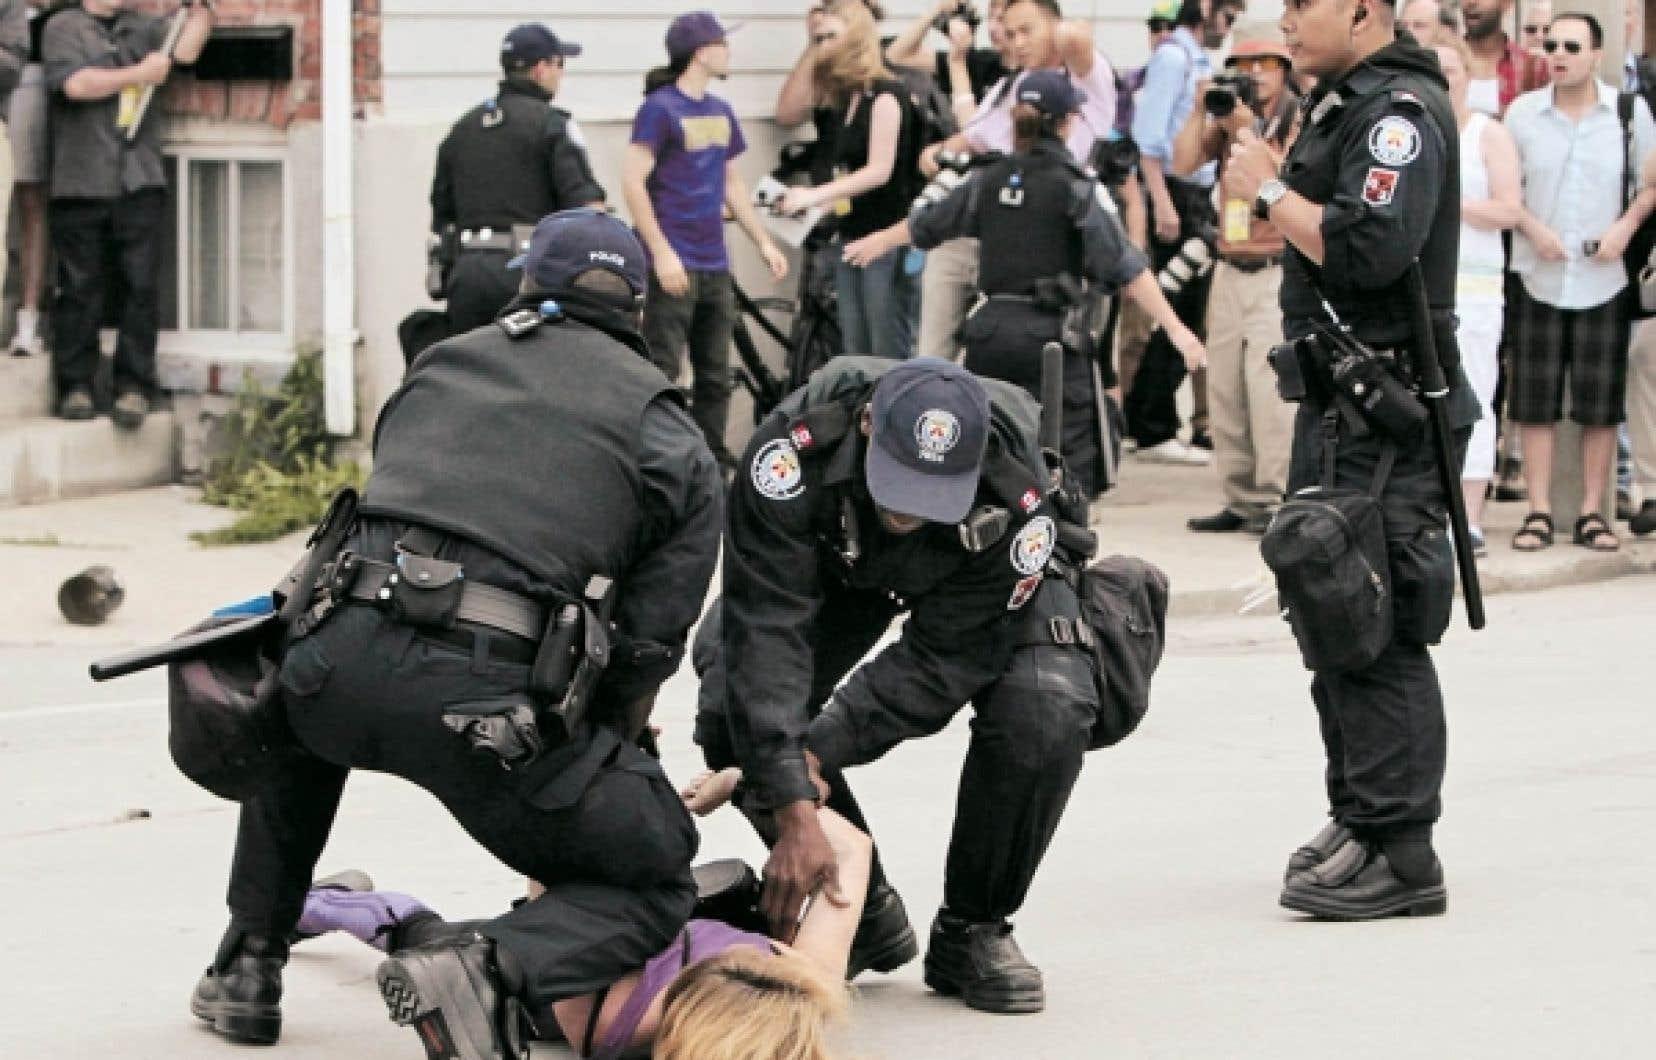 Arrestation d'une jeune femme au cours d'une manifestation au centre-ville de Toronto, dimanche.